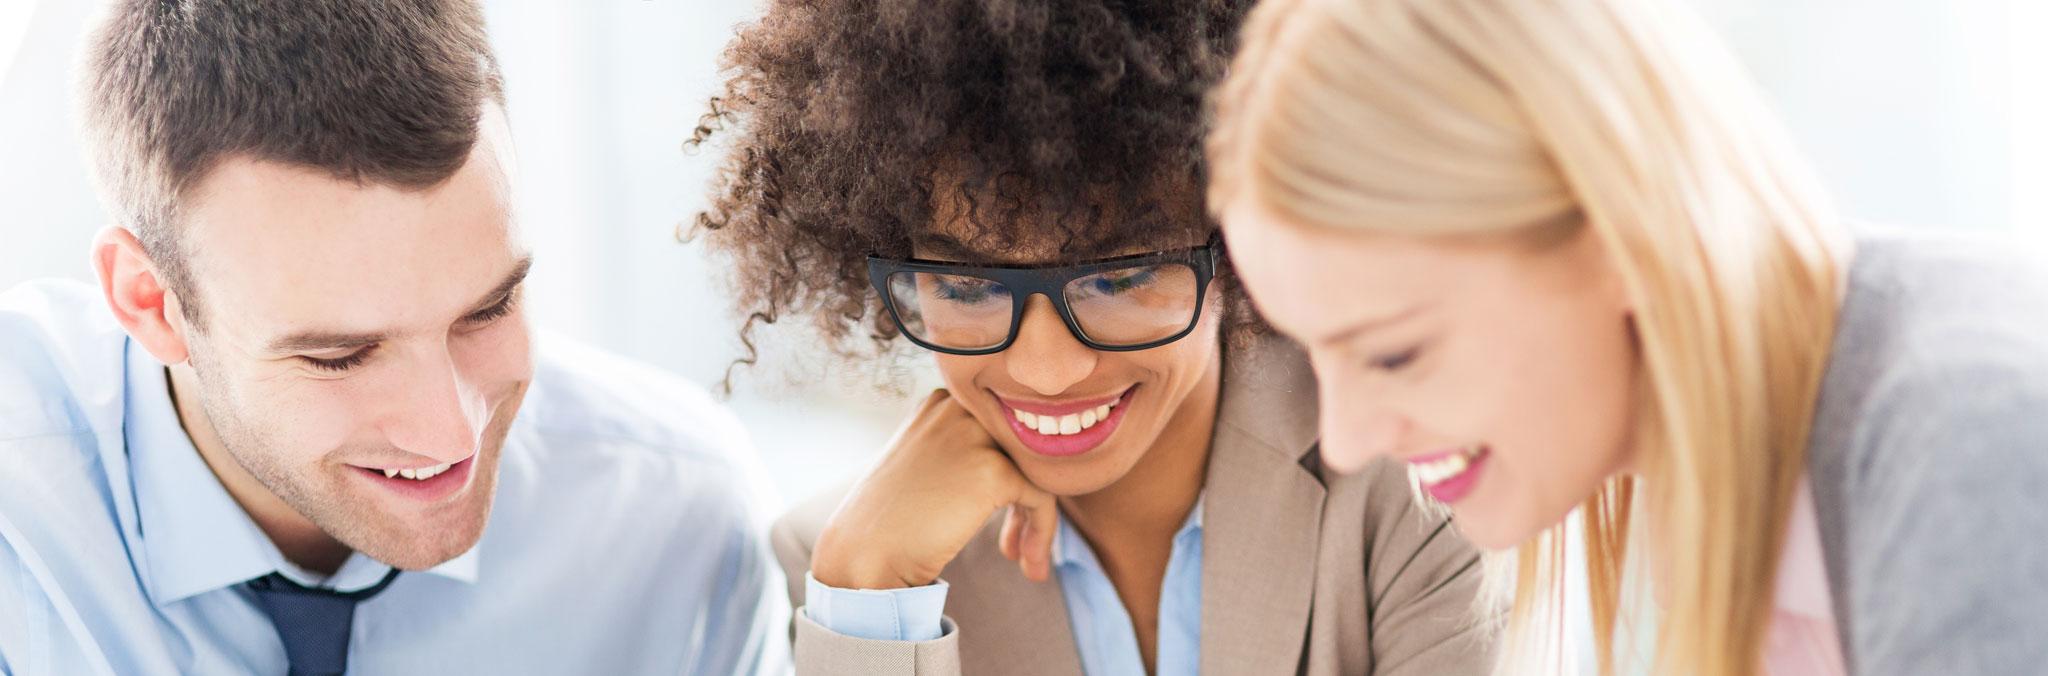 SHRM Enterprise Solutions Diversity